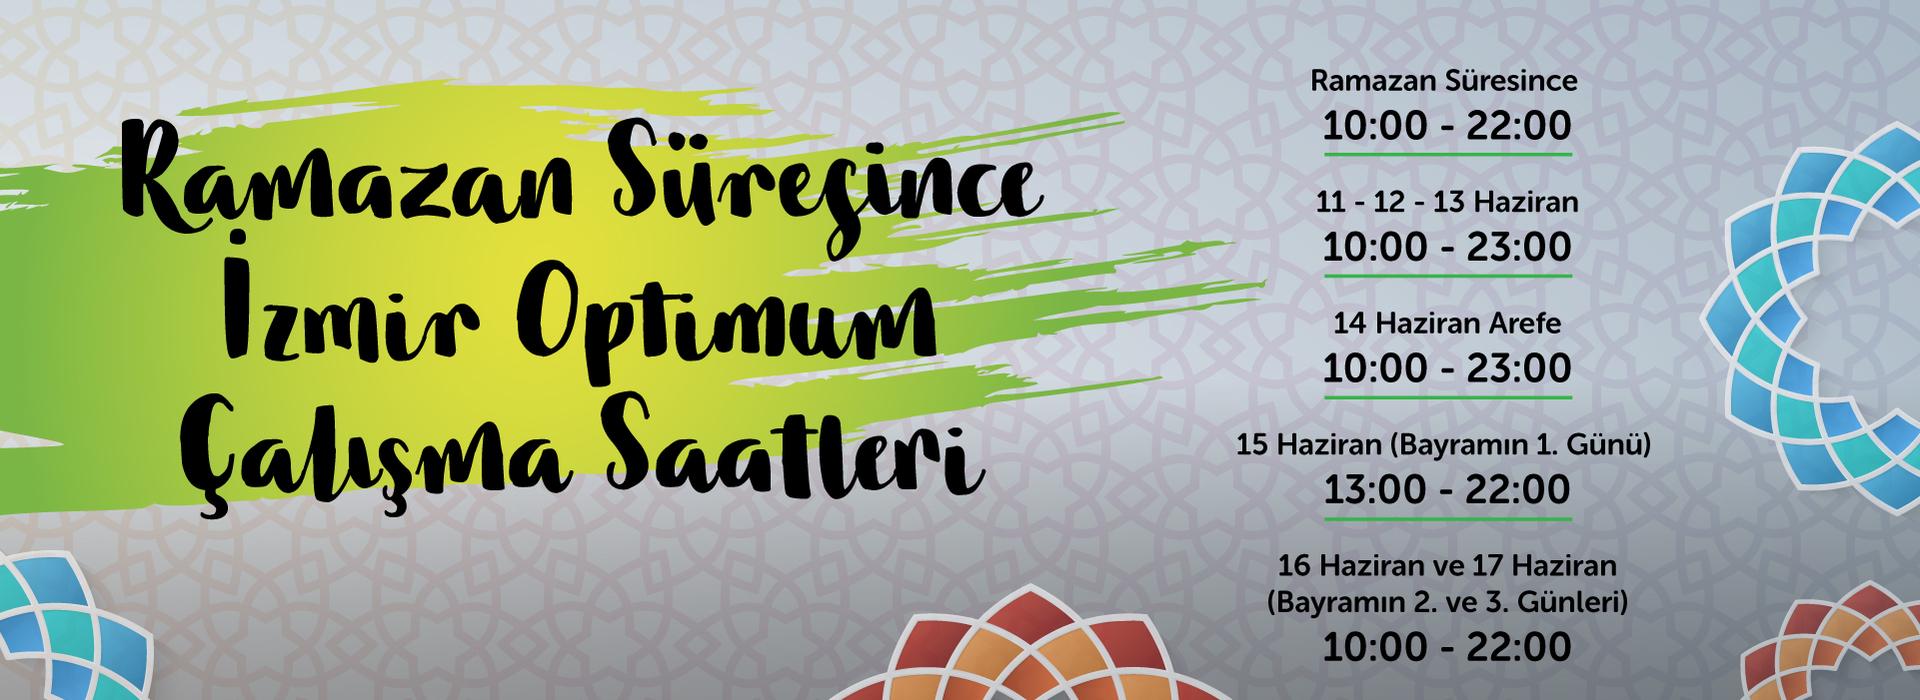 Ramazan Süresince İzmir Optimum Çalışma Saatleri